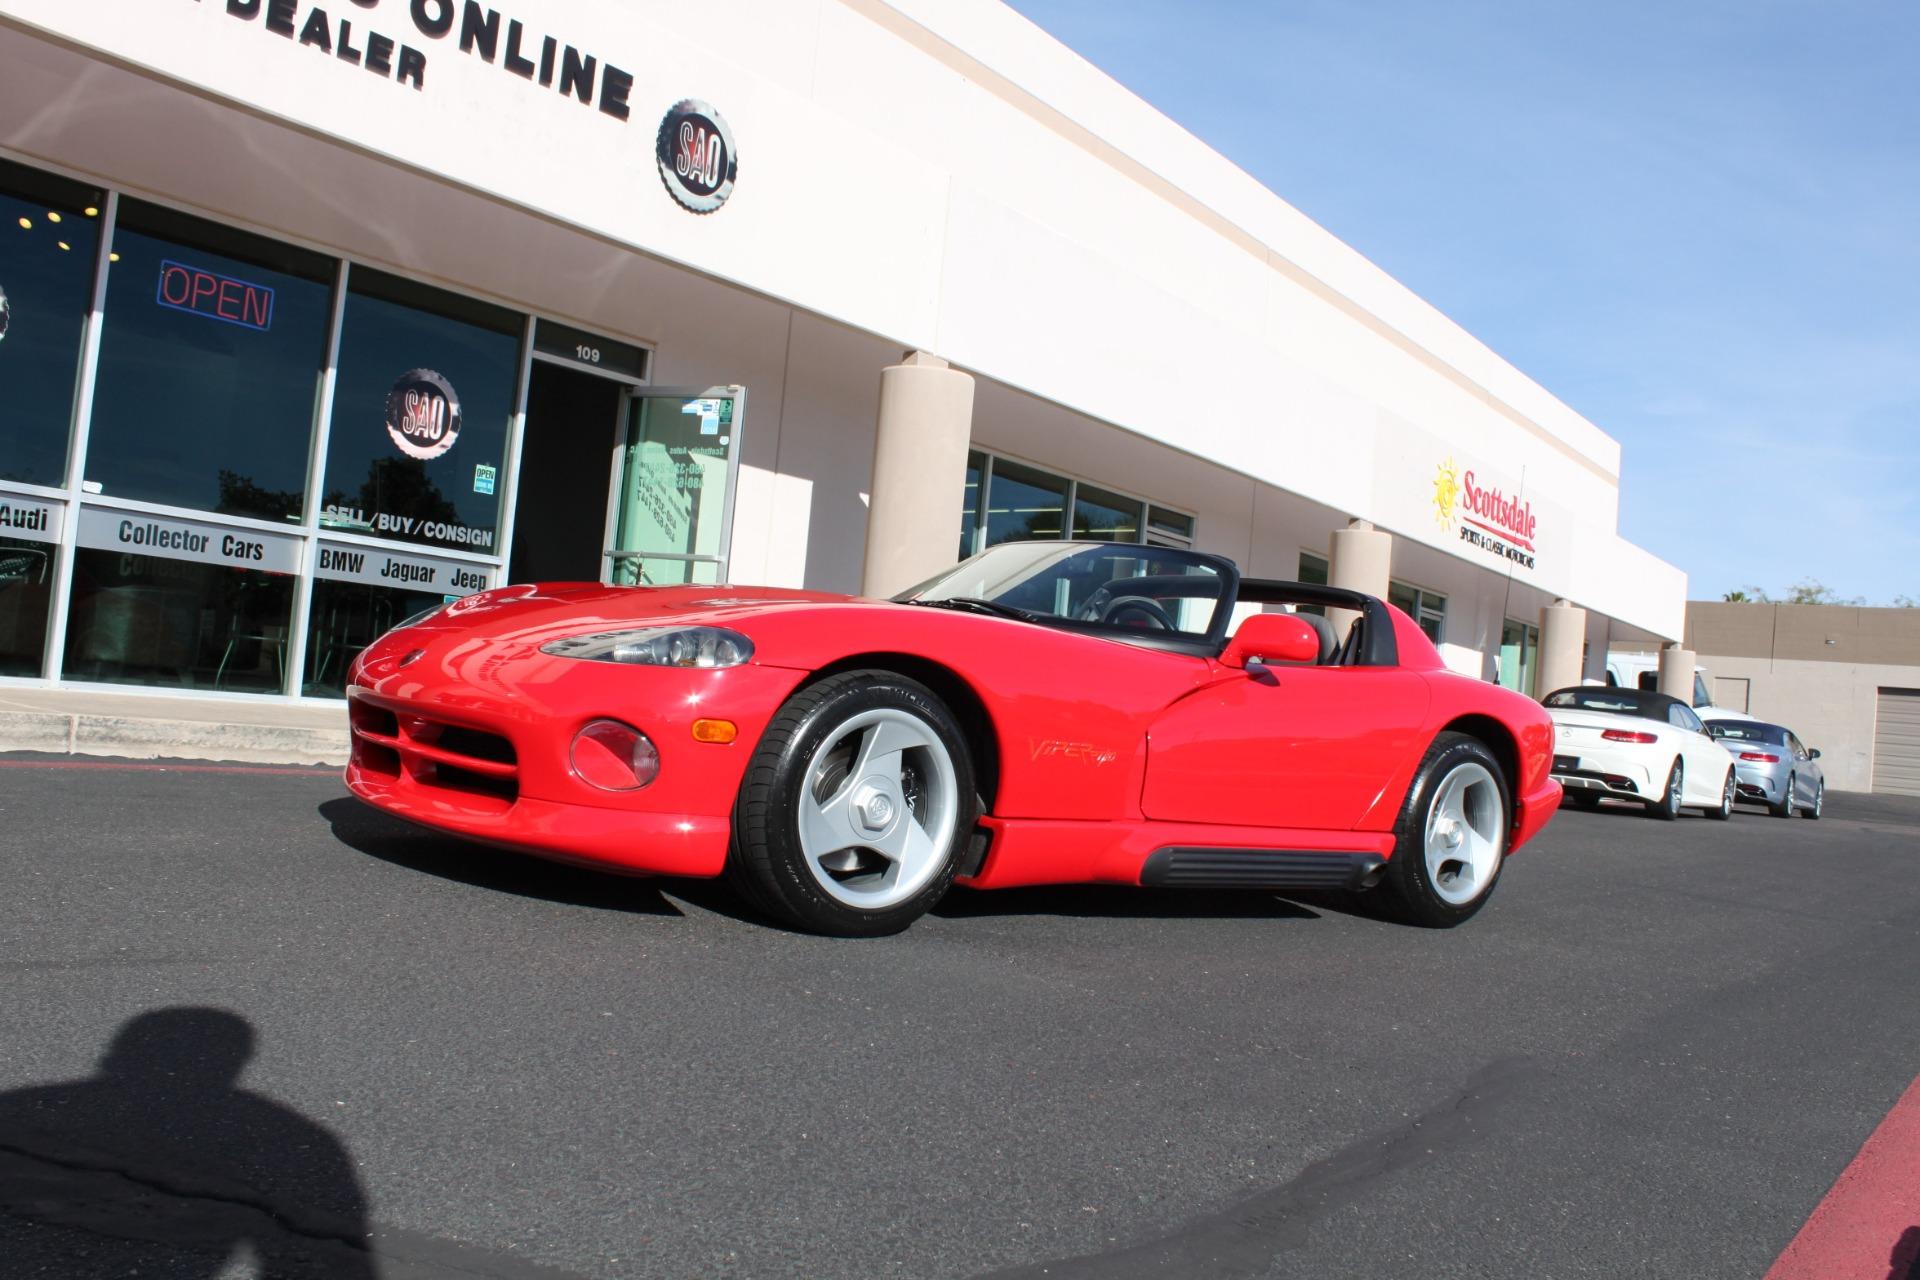 Used-1993-Dodge-Viper-Sports-Car-Fiat